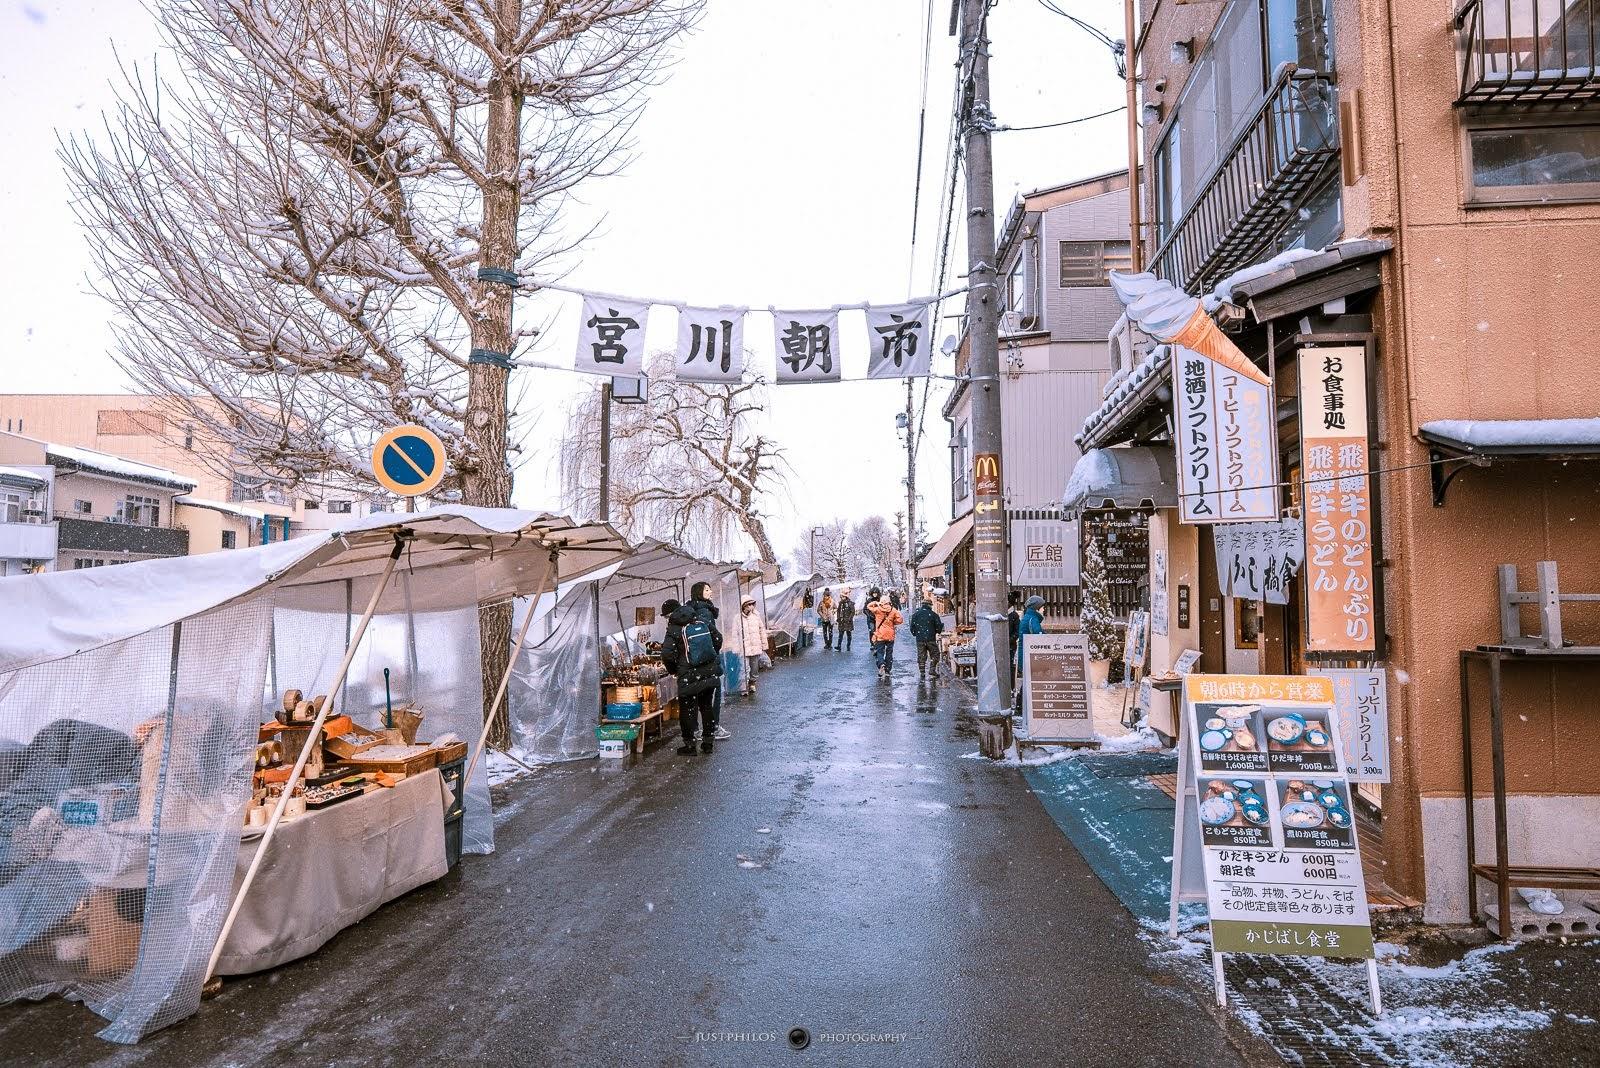 因為前一晚的雪實在下的太大,早上的朝市地上都還是濕濕的。